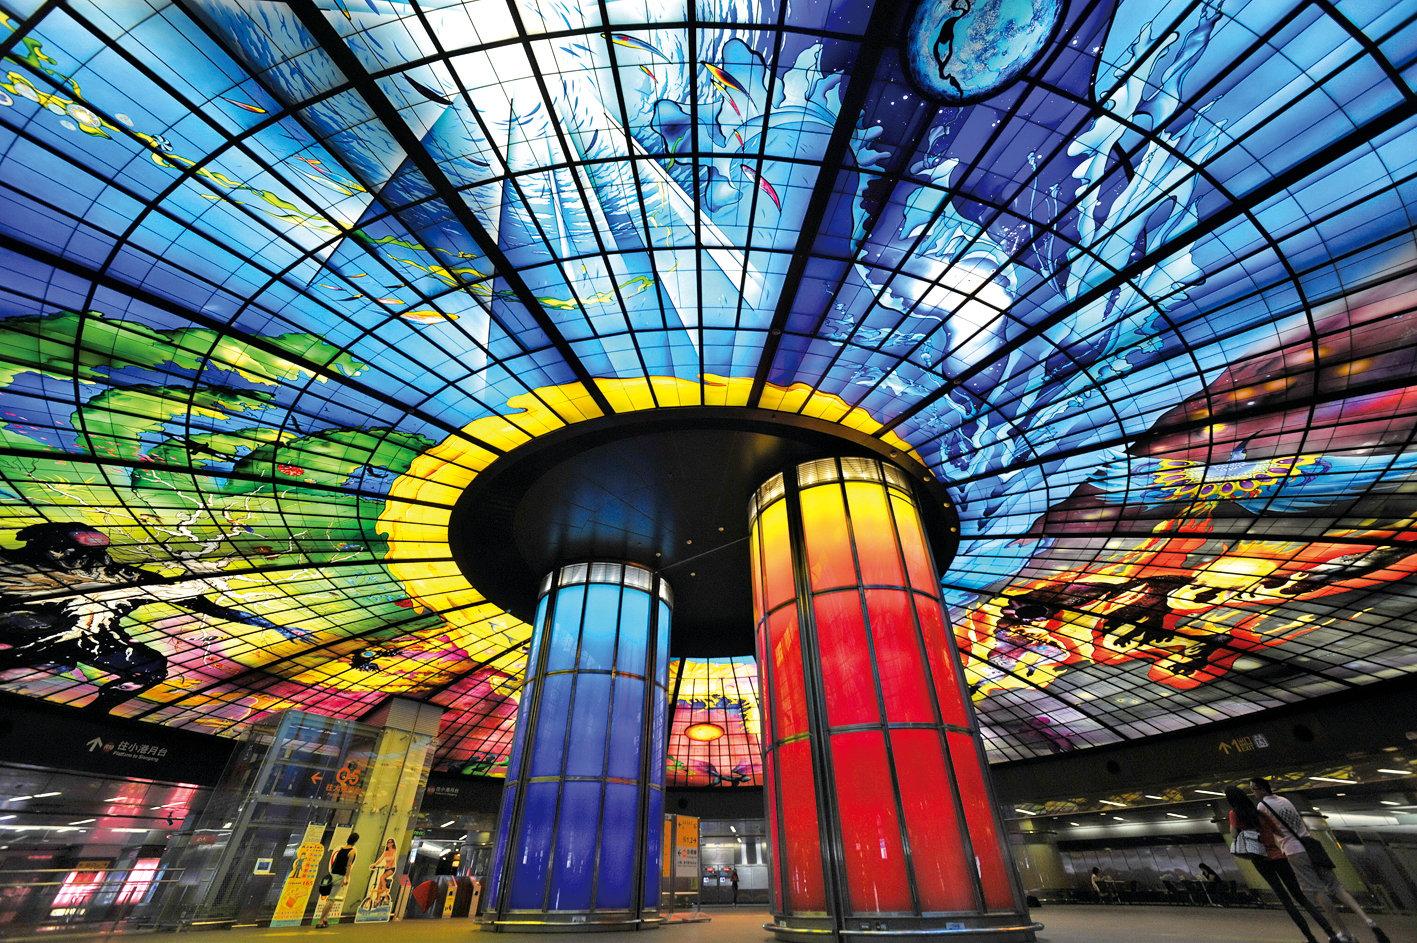 台灣的美麗島站是現代燈光藝術的經典之作。